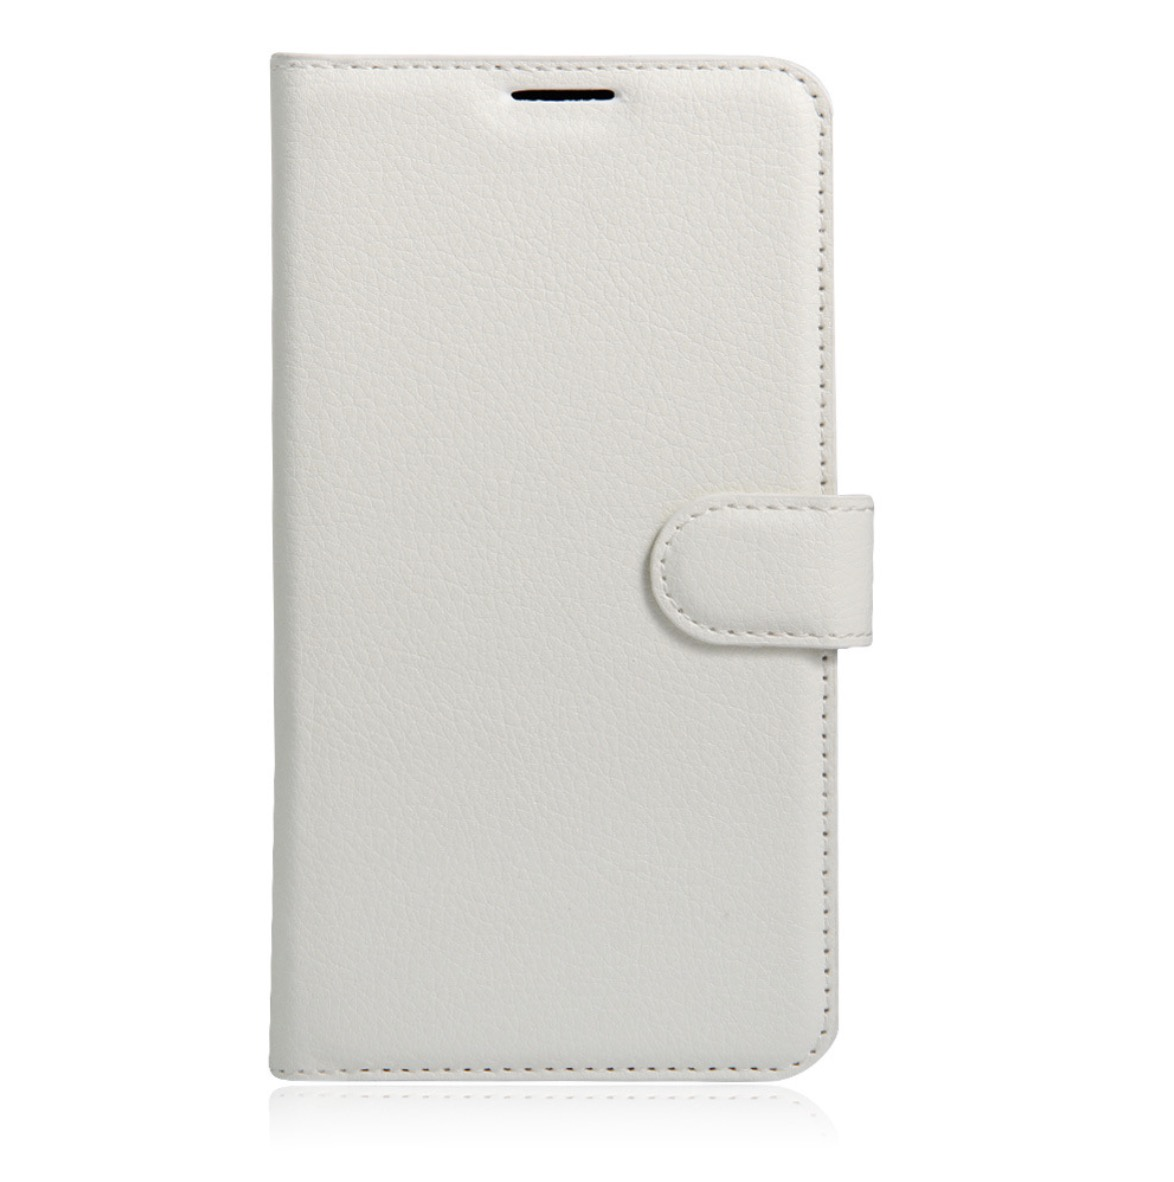 Чехол-книжка MyPads для LG Max (L Bello 2) с мульти-подставкой застёжкой и визитницей белый lg max x155